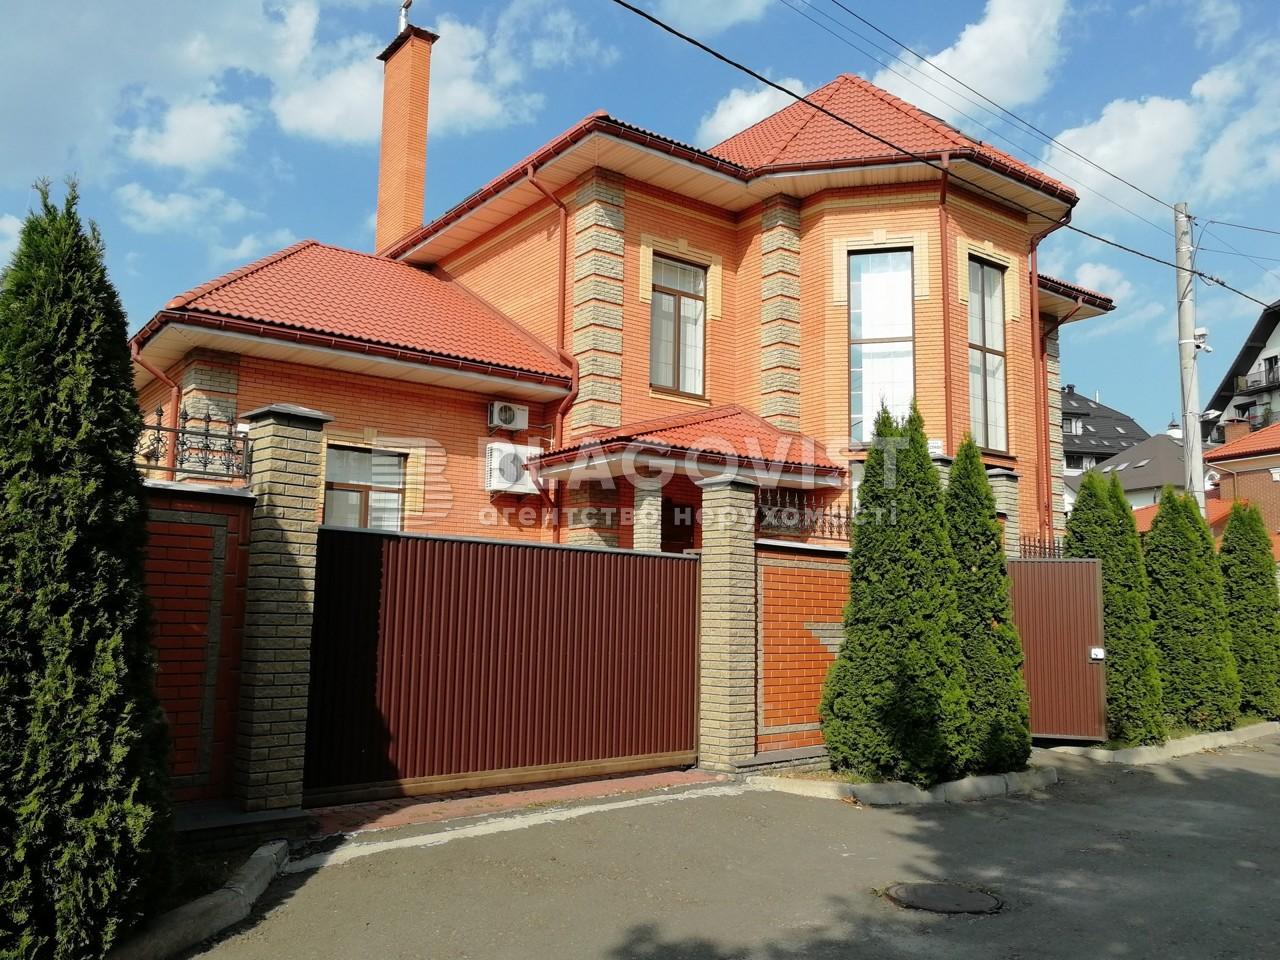 Дом A-110264, Счастливая, Киев - Фото 1